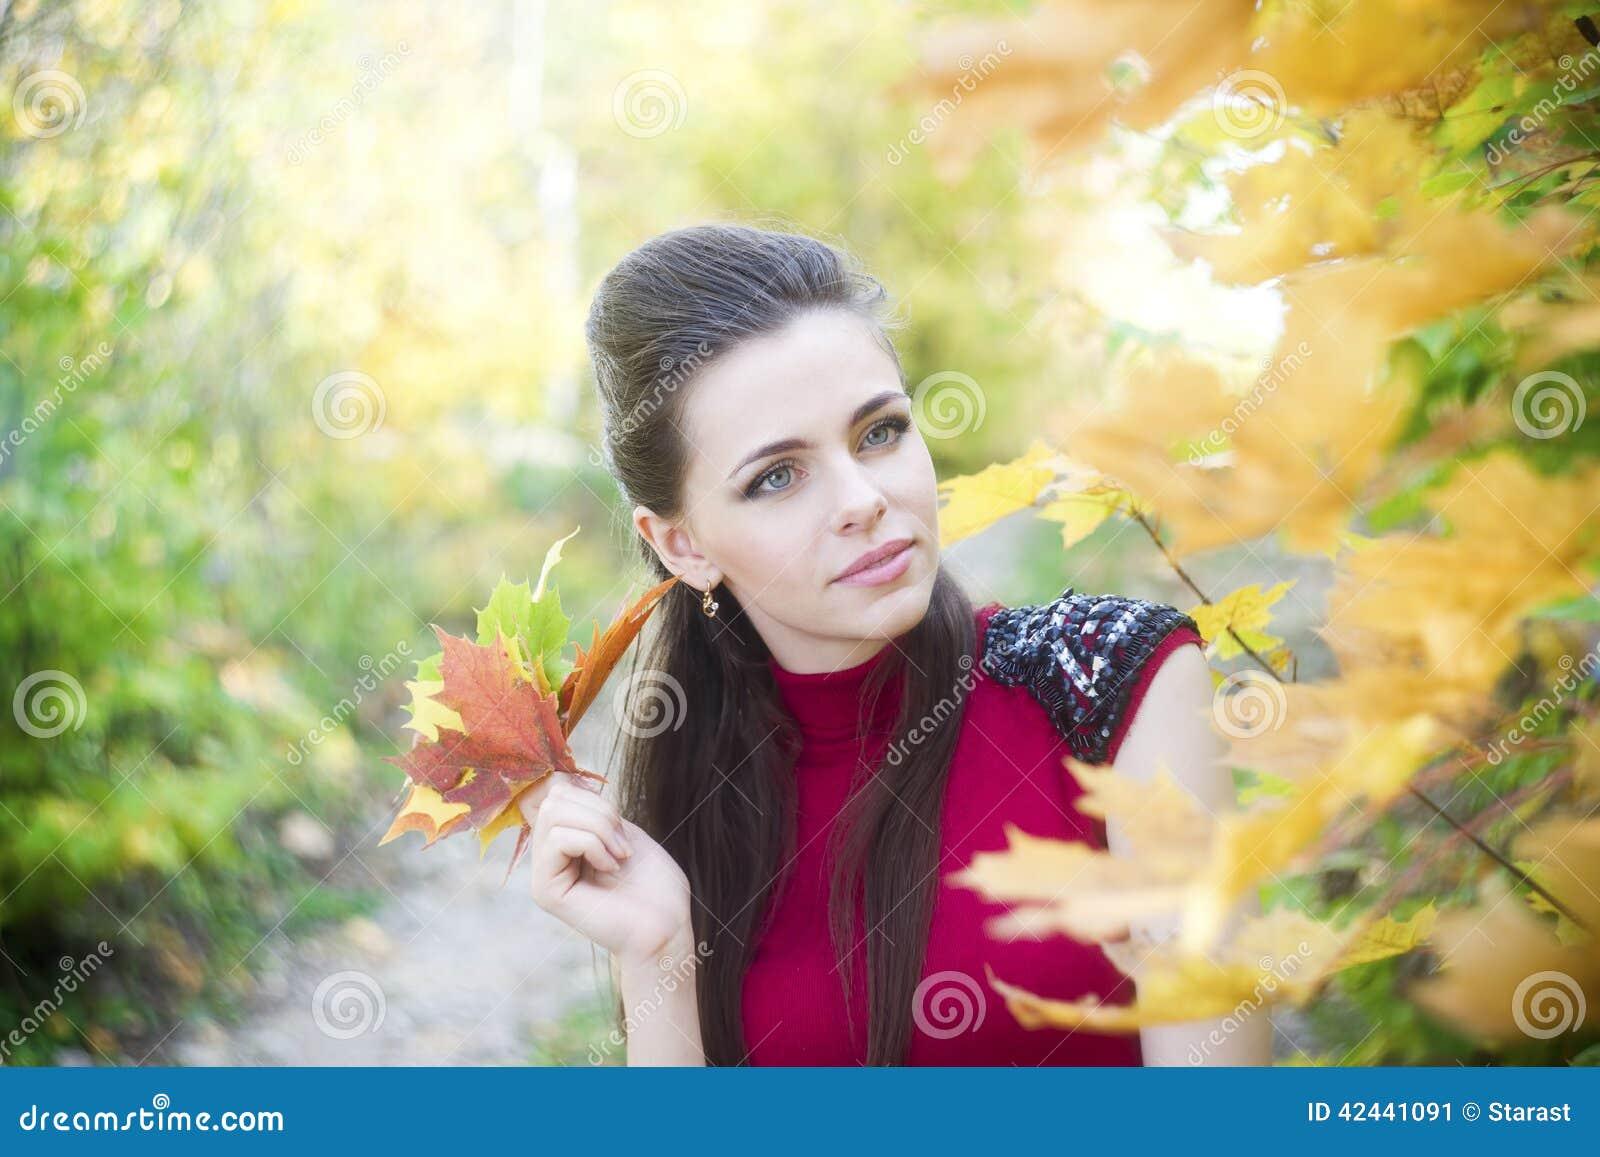 Retrato de la chica joven hermosa